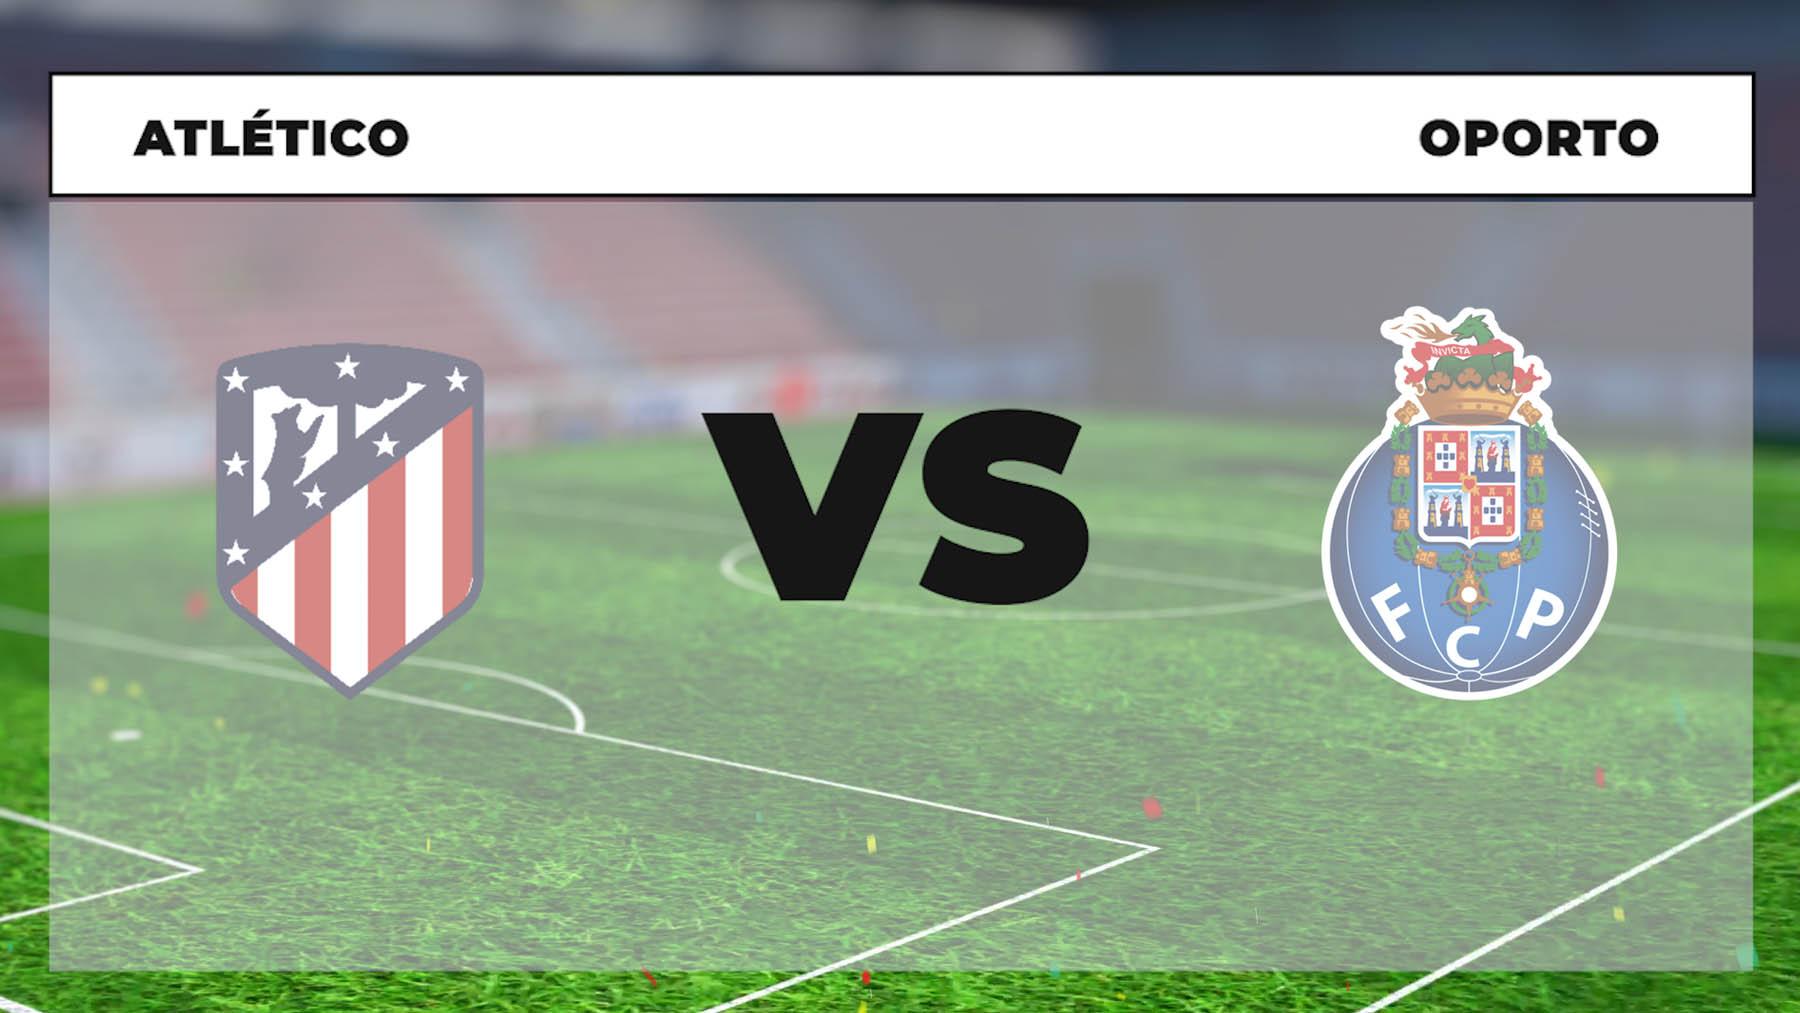 Champions League 2021-2022: Atlético de Madrid – Oporto | Horario del partido de fútbol de la Champions League.